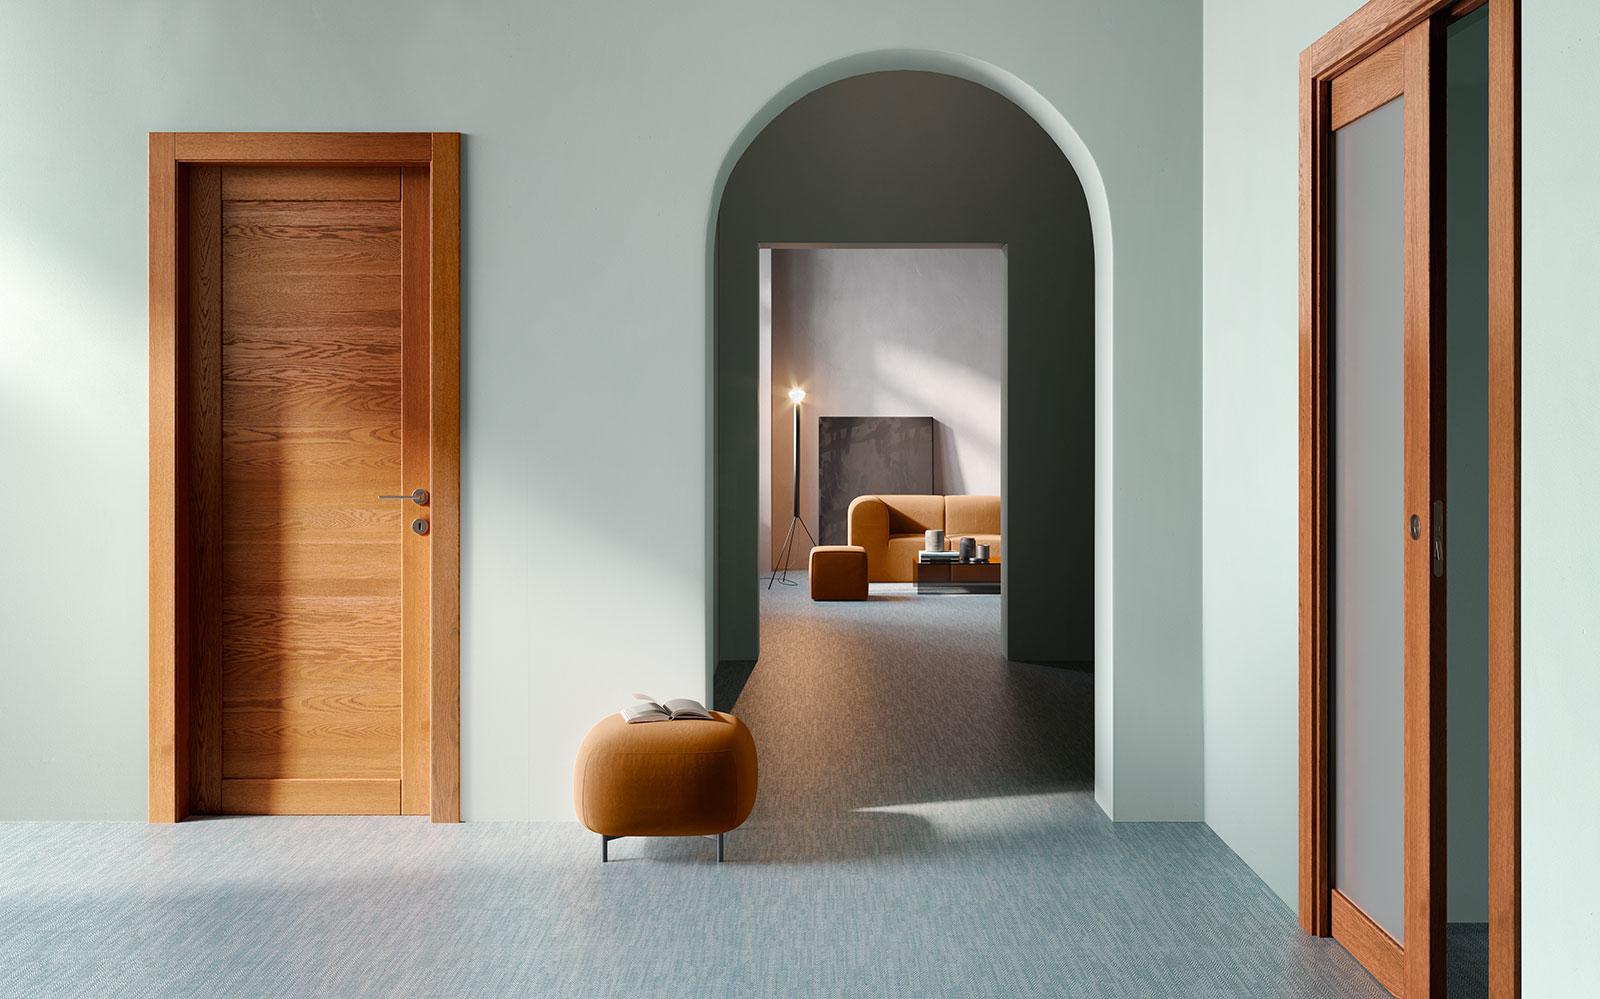 Porte in legno design moderno - Garofoli